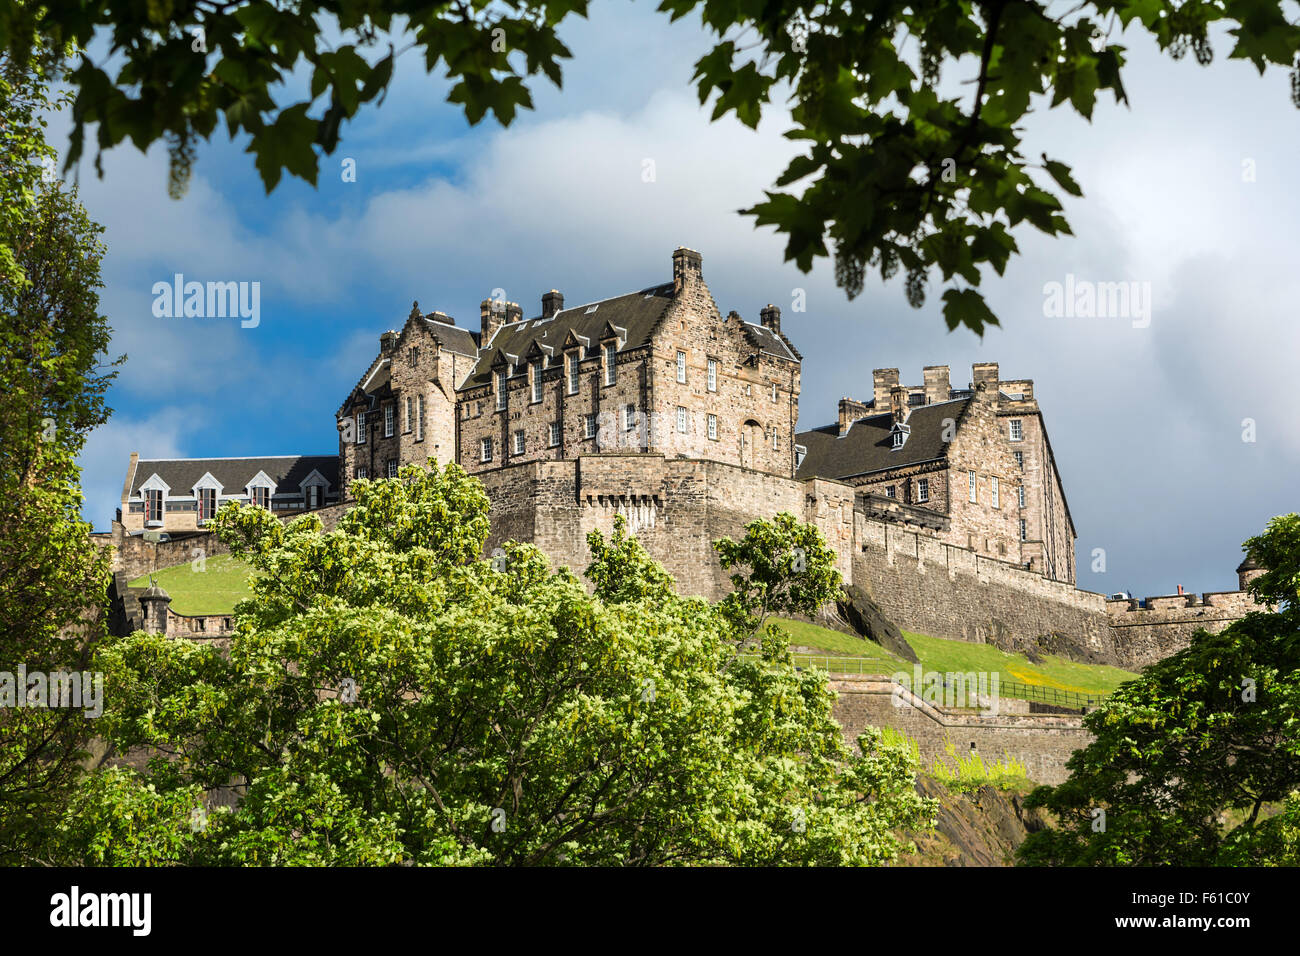 Le pareti nord del castello di Edimburgo, Scozia Immagini Stock